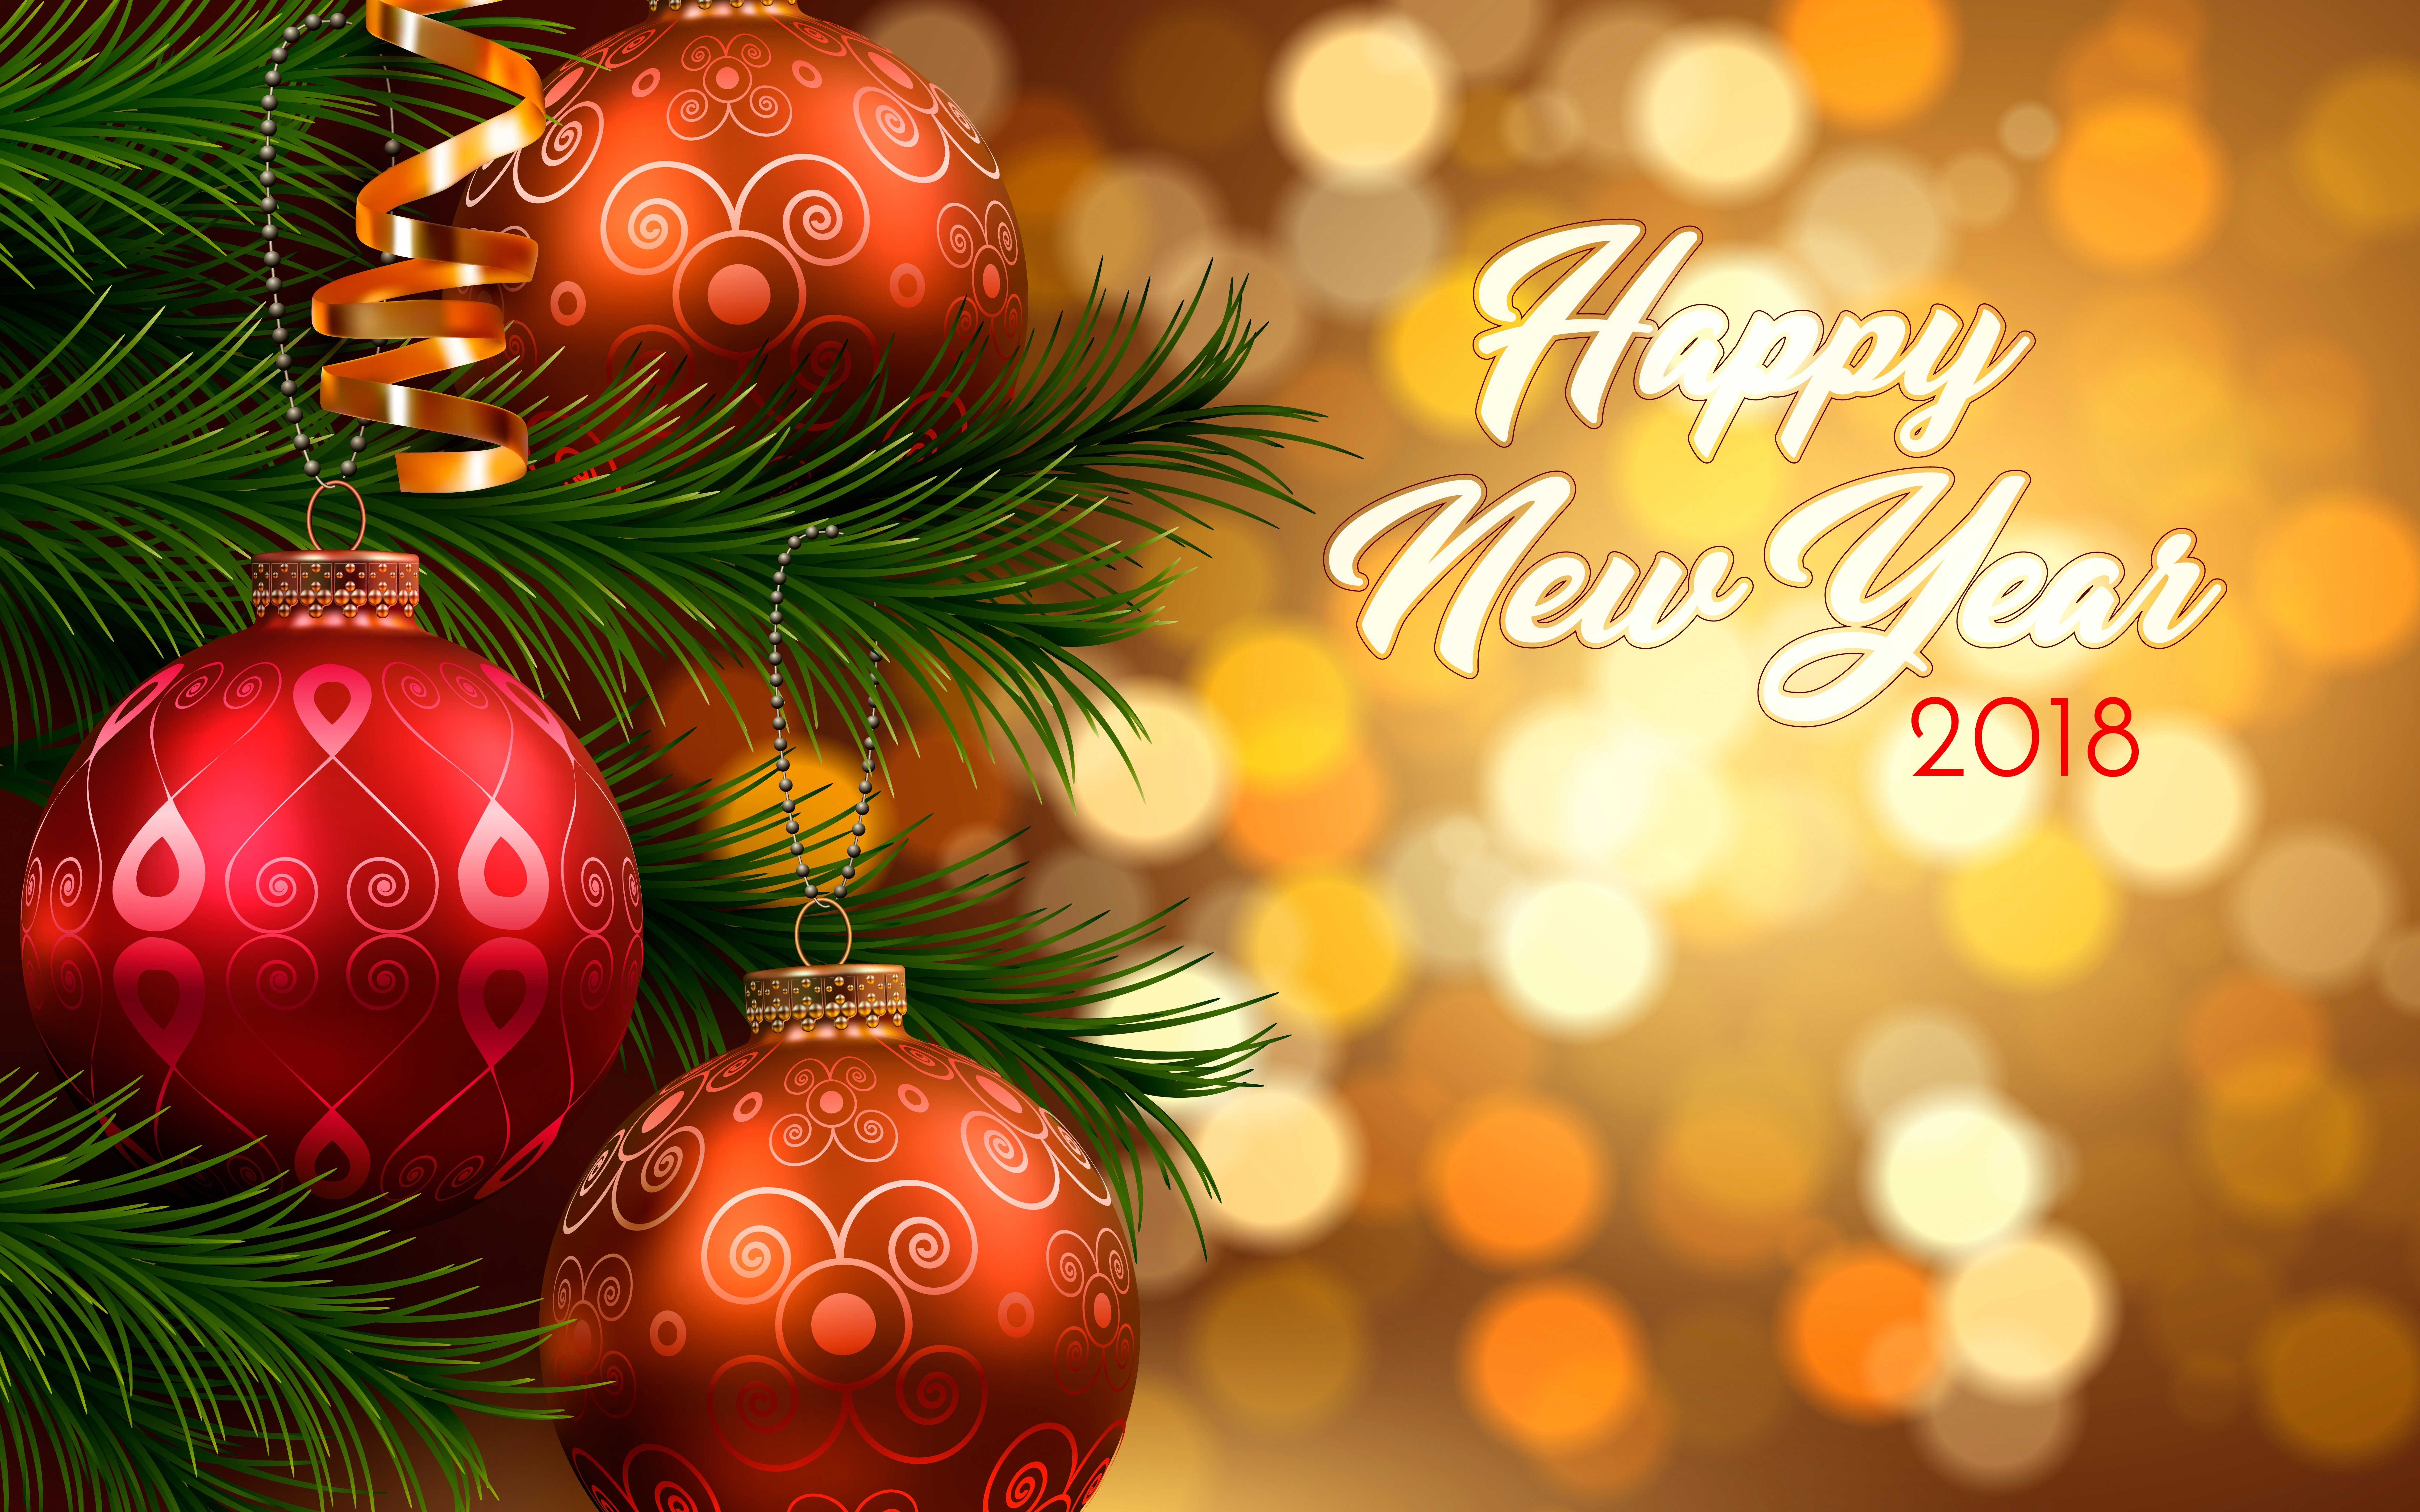 Открытки новый год высокое разрешение, лет мальчик поздравления